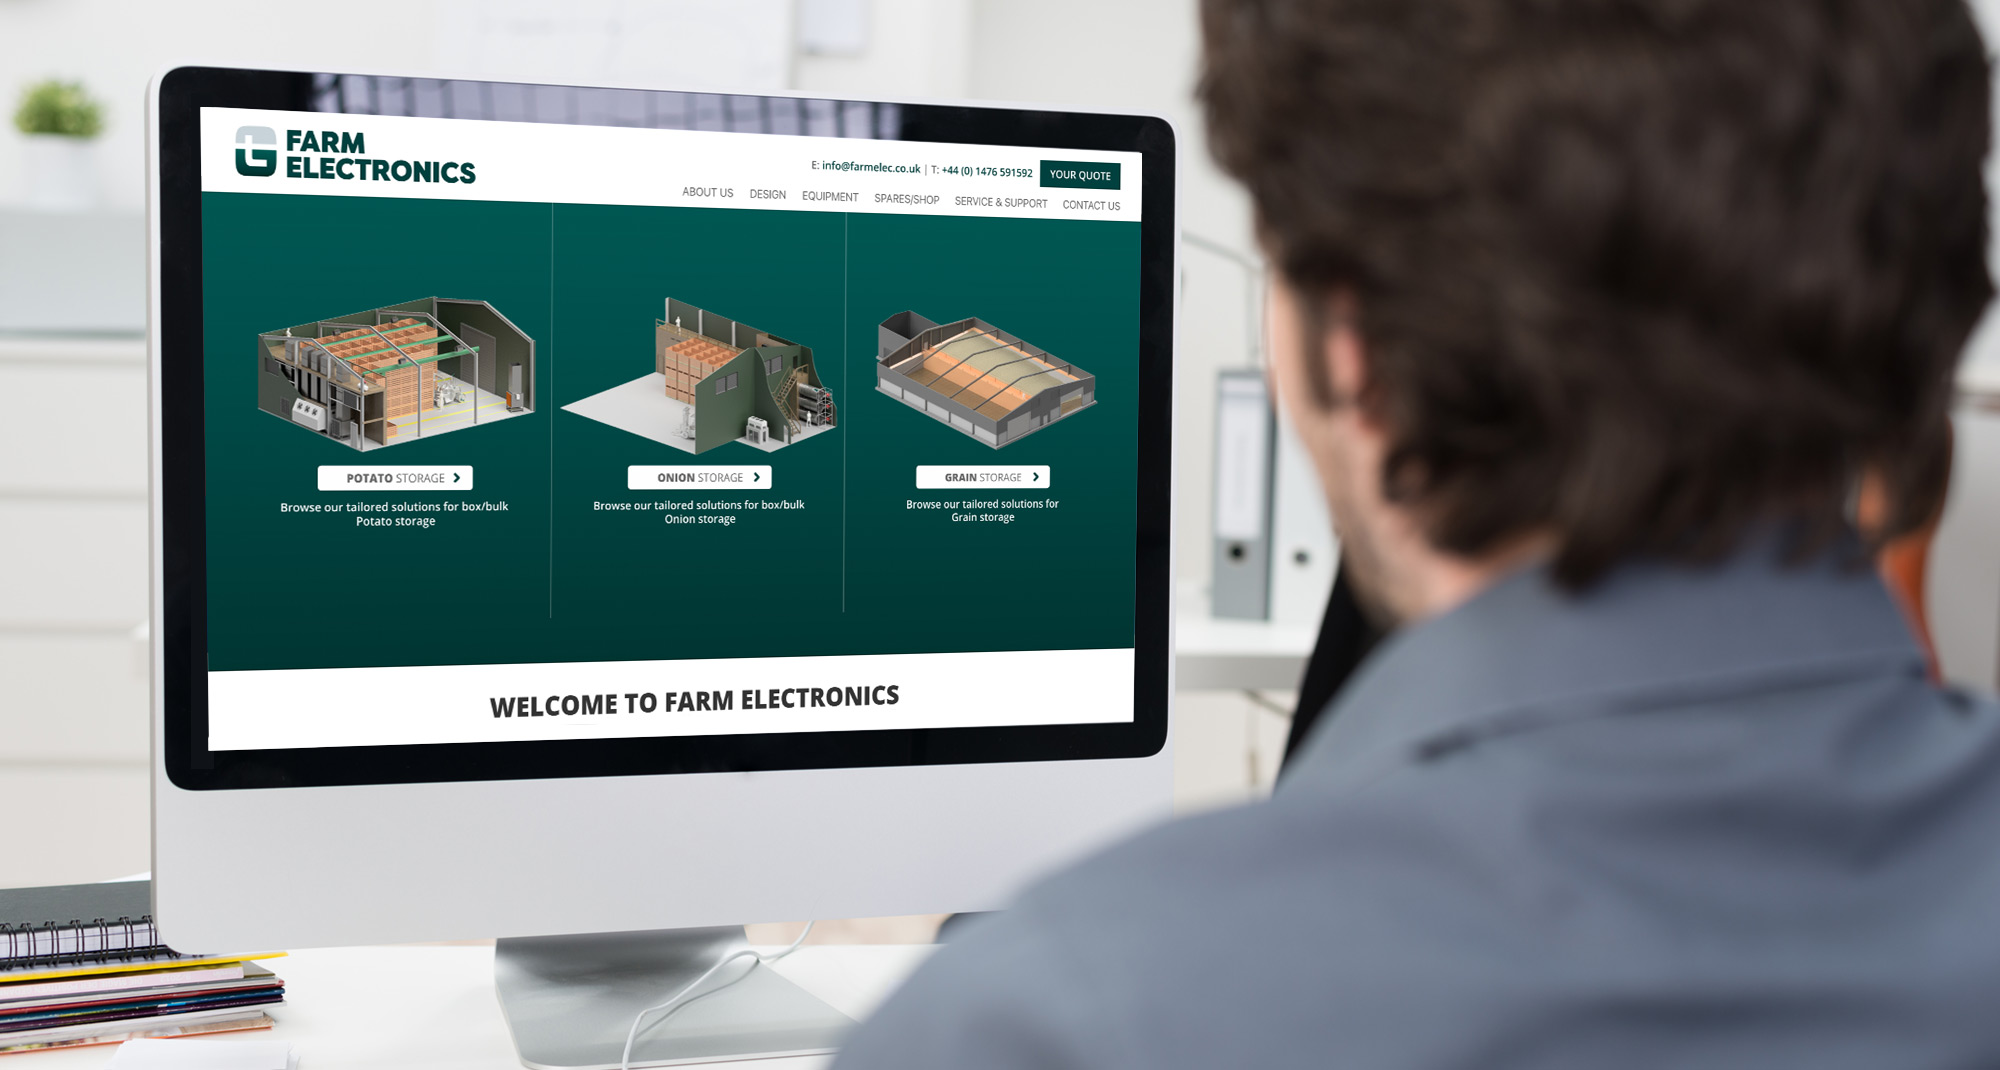 Farm Electronics website on a desktop